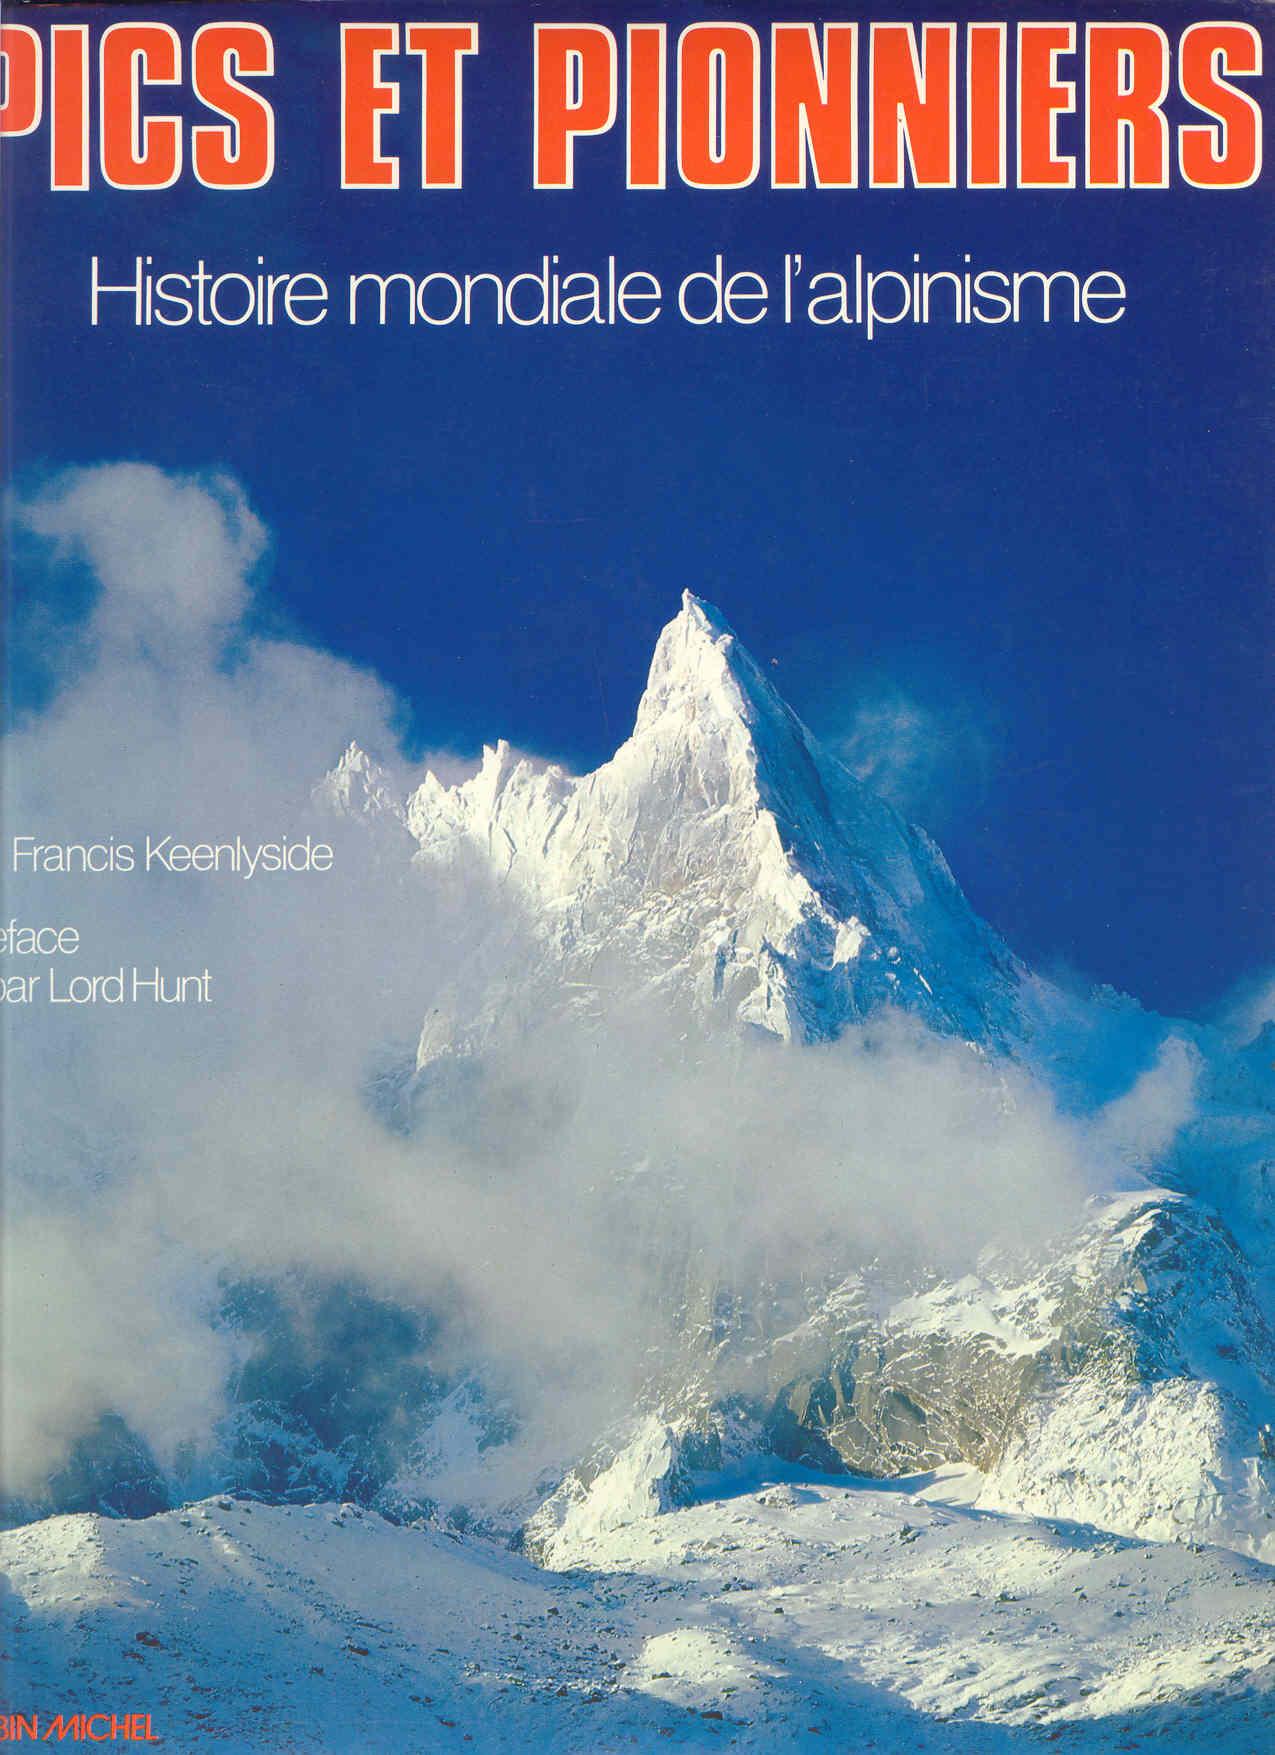 Livre_Pics_et_Pionniers